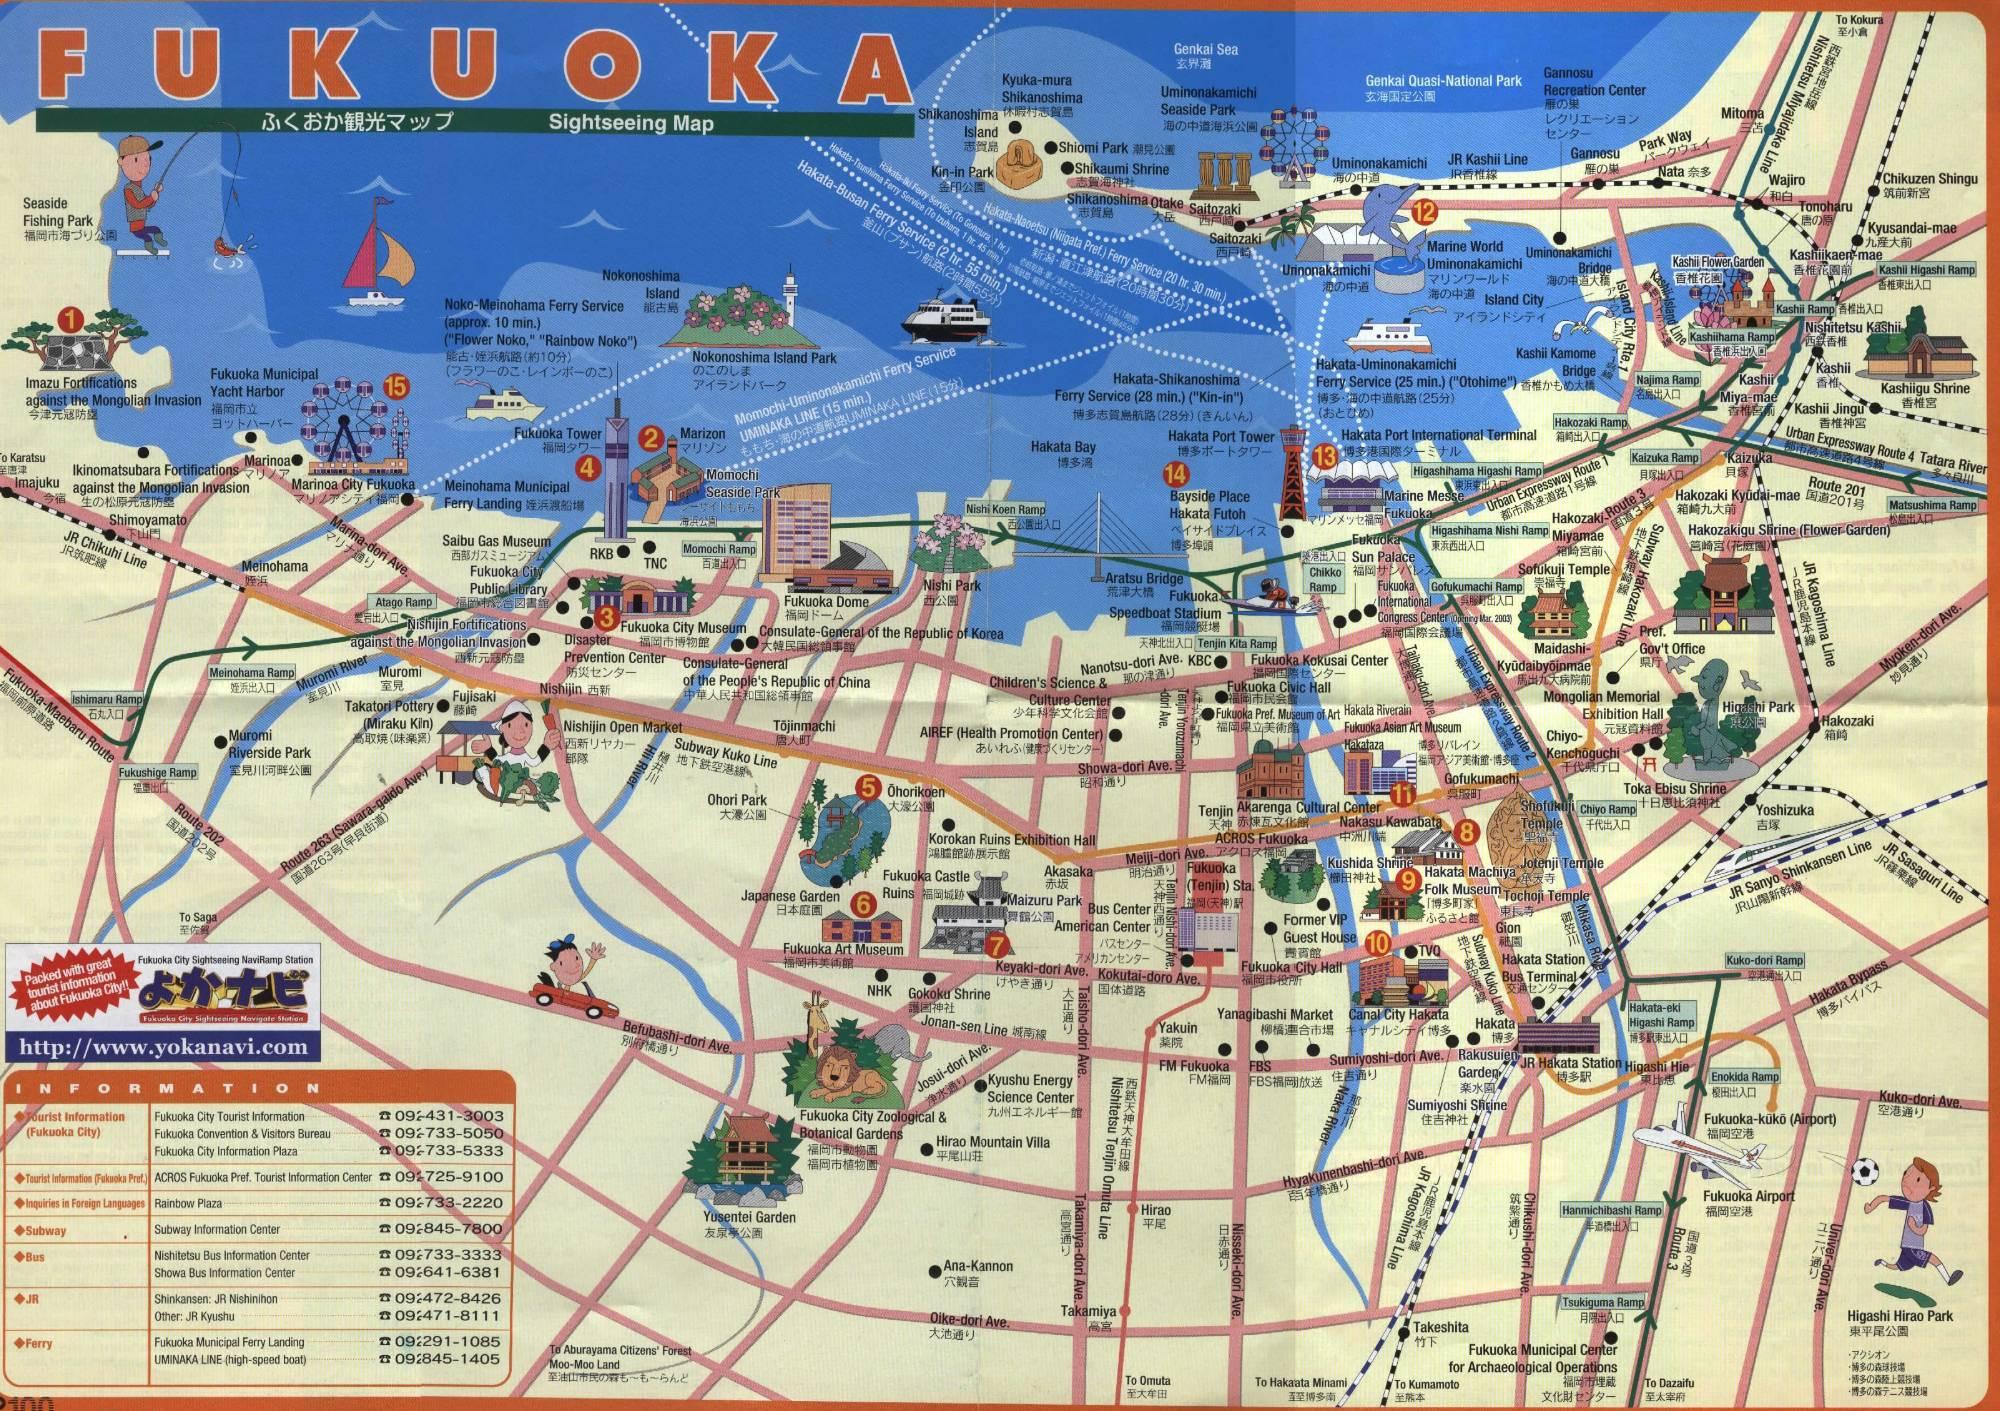 carte de Fukuoka